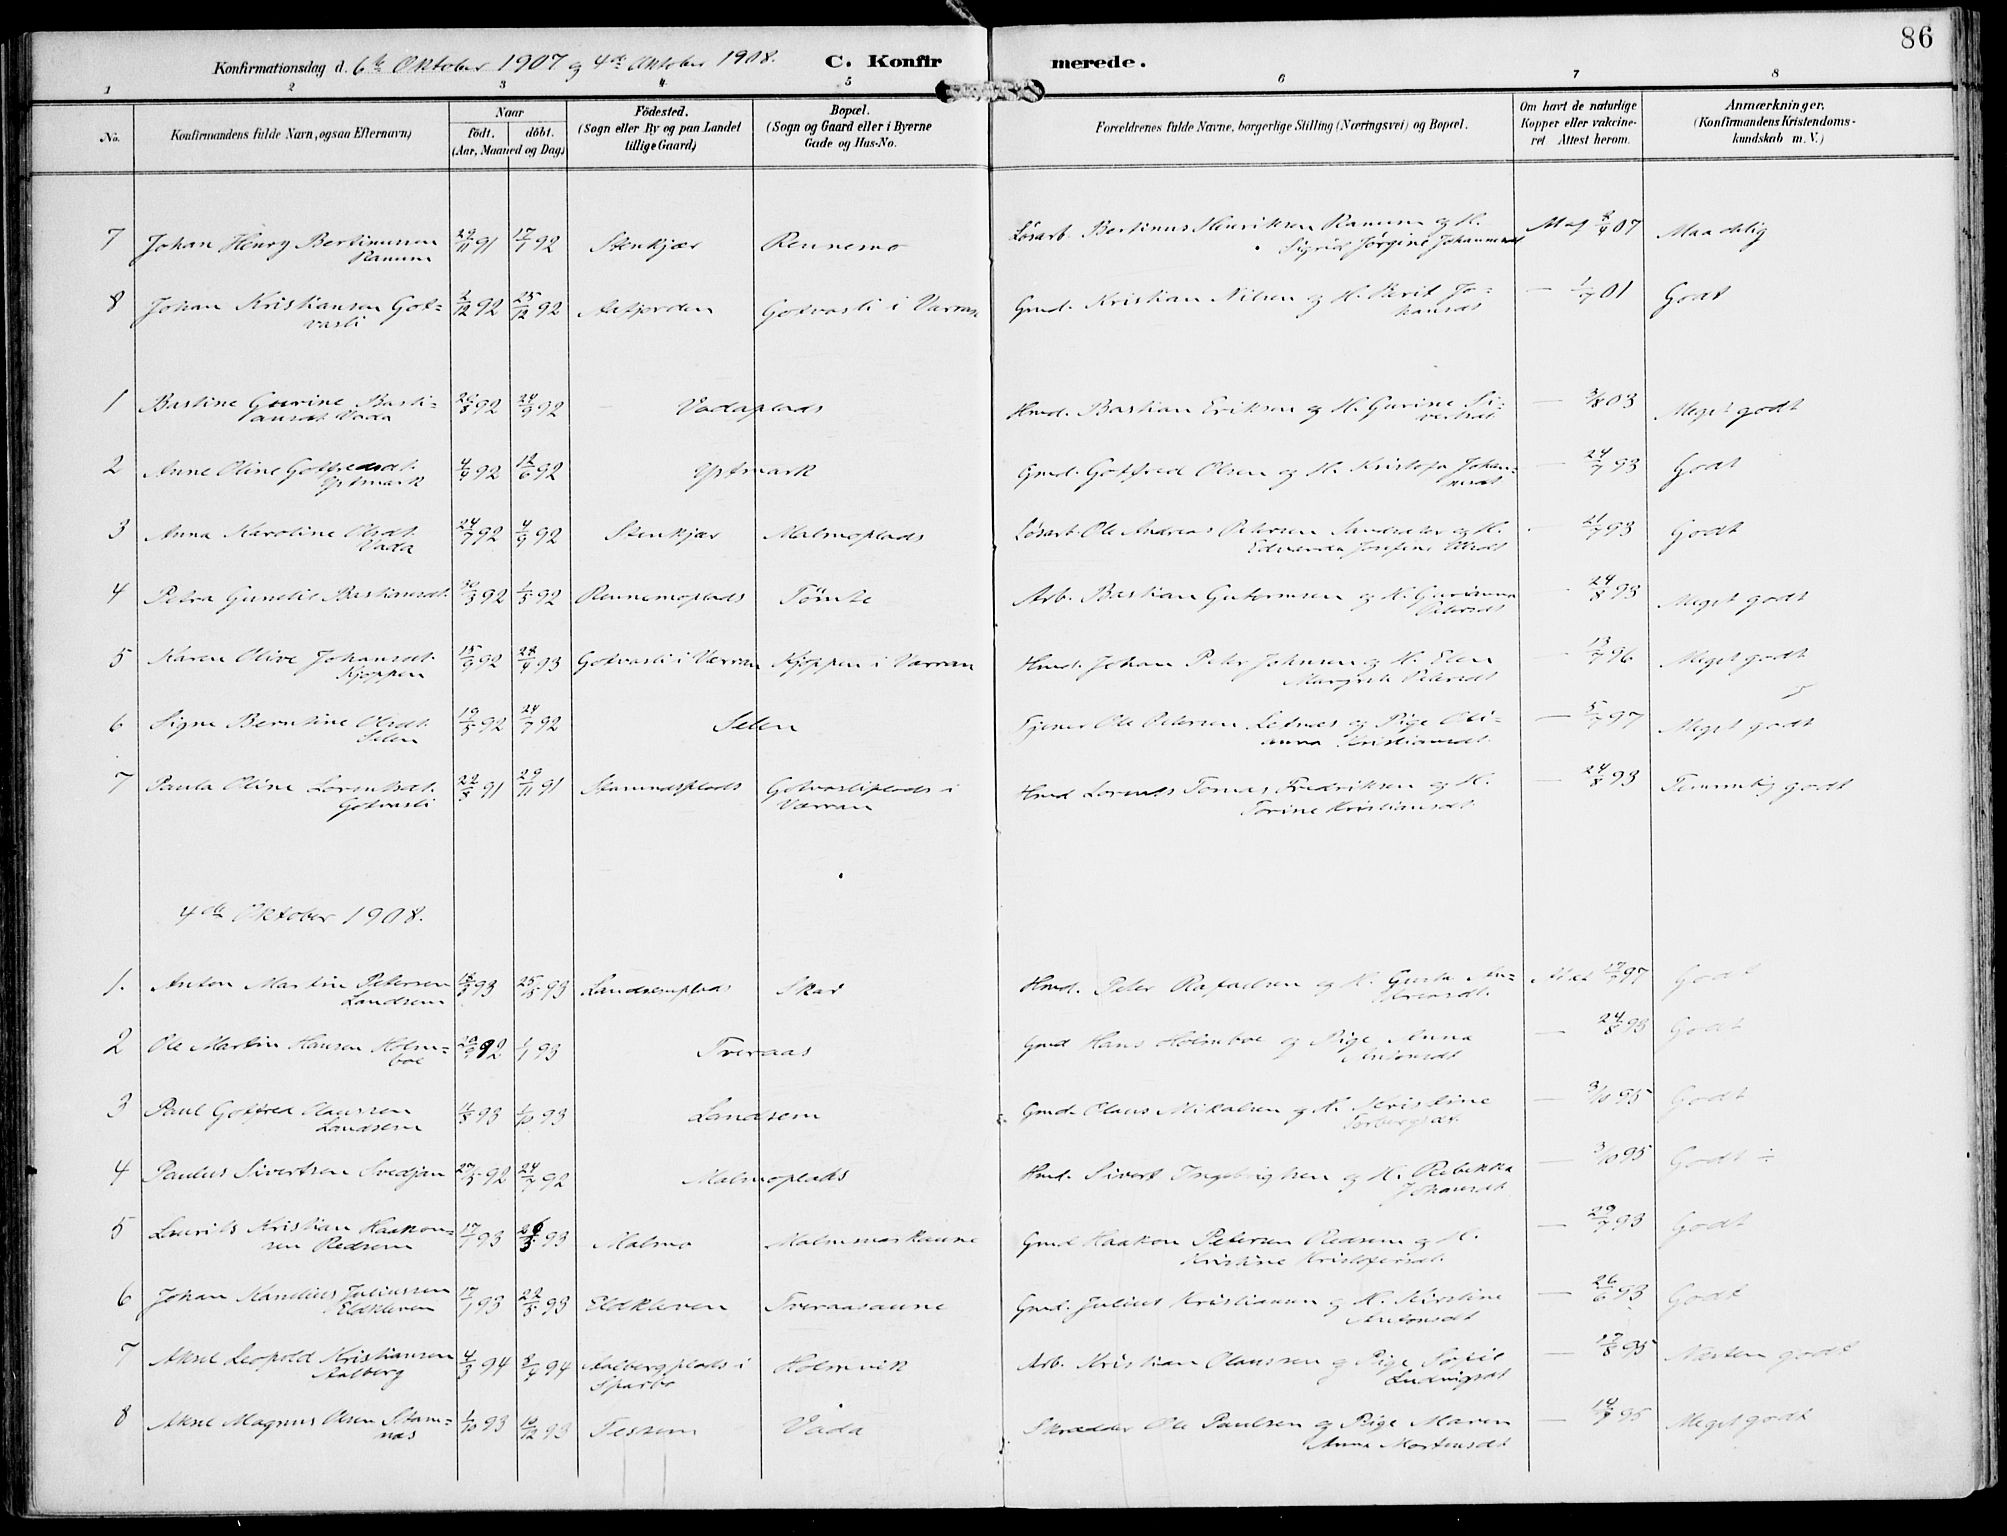 SAT, Ministerialprotokoller, klokkerbøker og fødselsregistre - Nord-Trøndelag, 745/L0430: Ministerialbok nr. 745A02, 1895-1913, s. 86